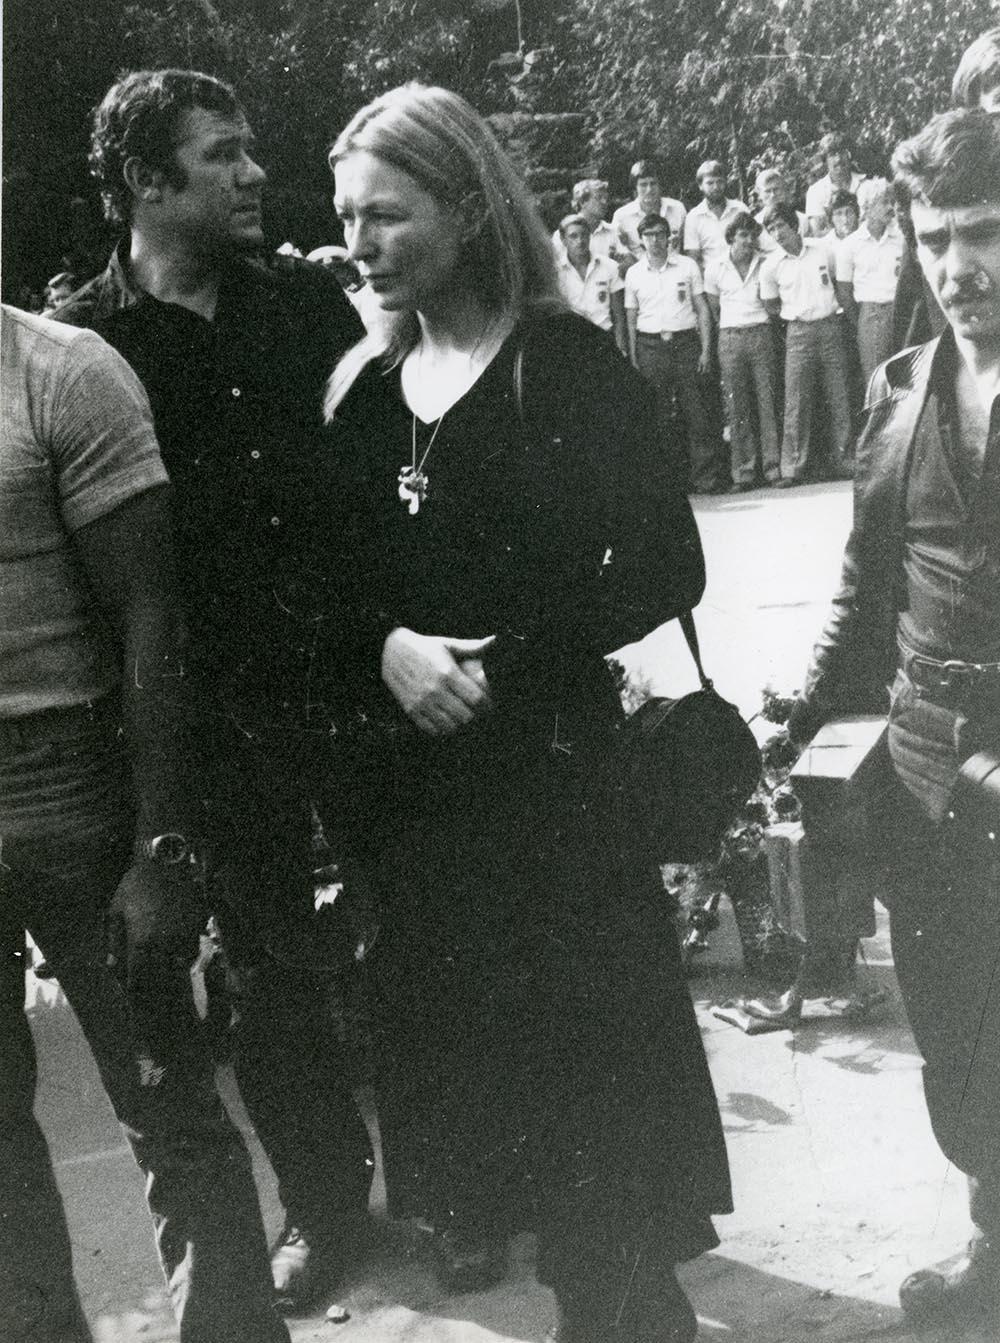 1980. Похороны Владимира Высоцкого. ул. Чкалова (Земляной вал). 28 июля (2)